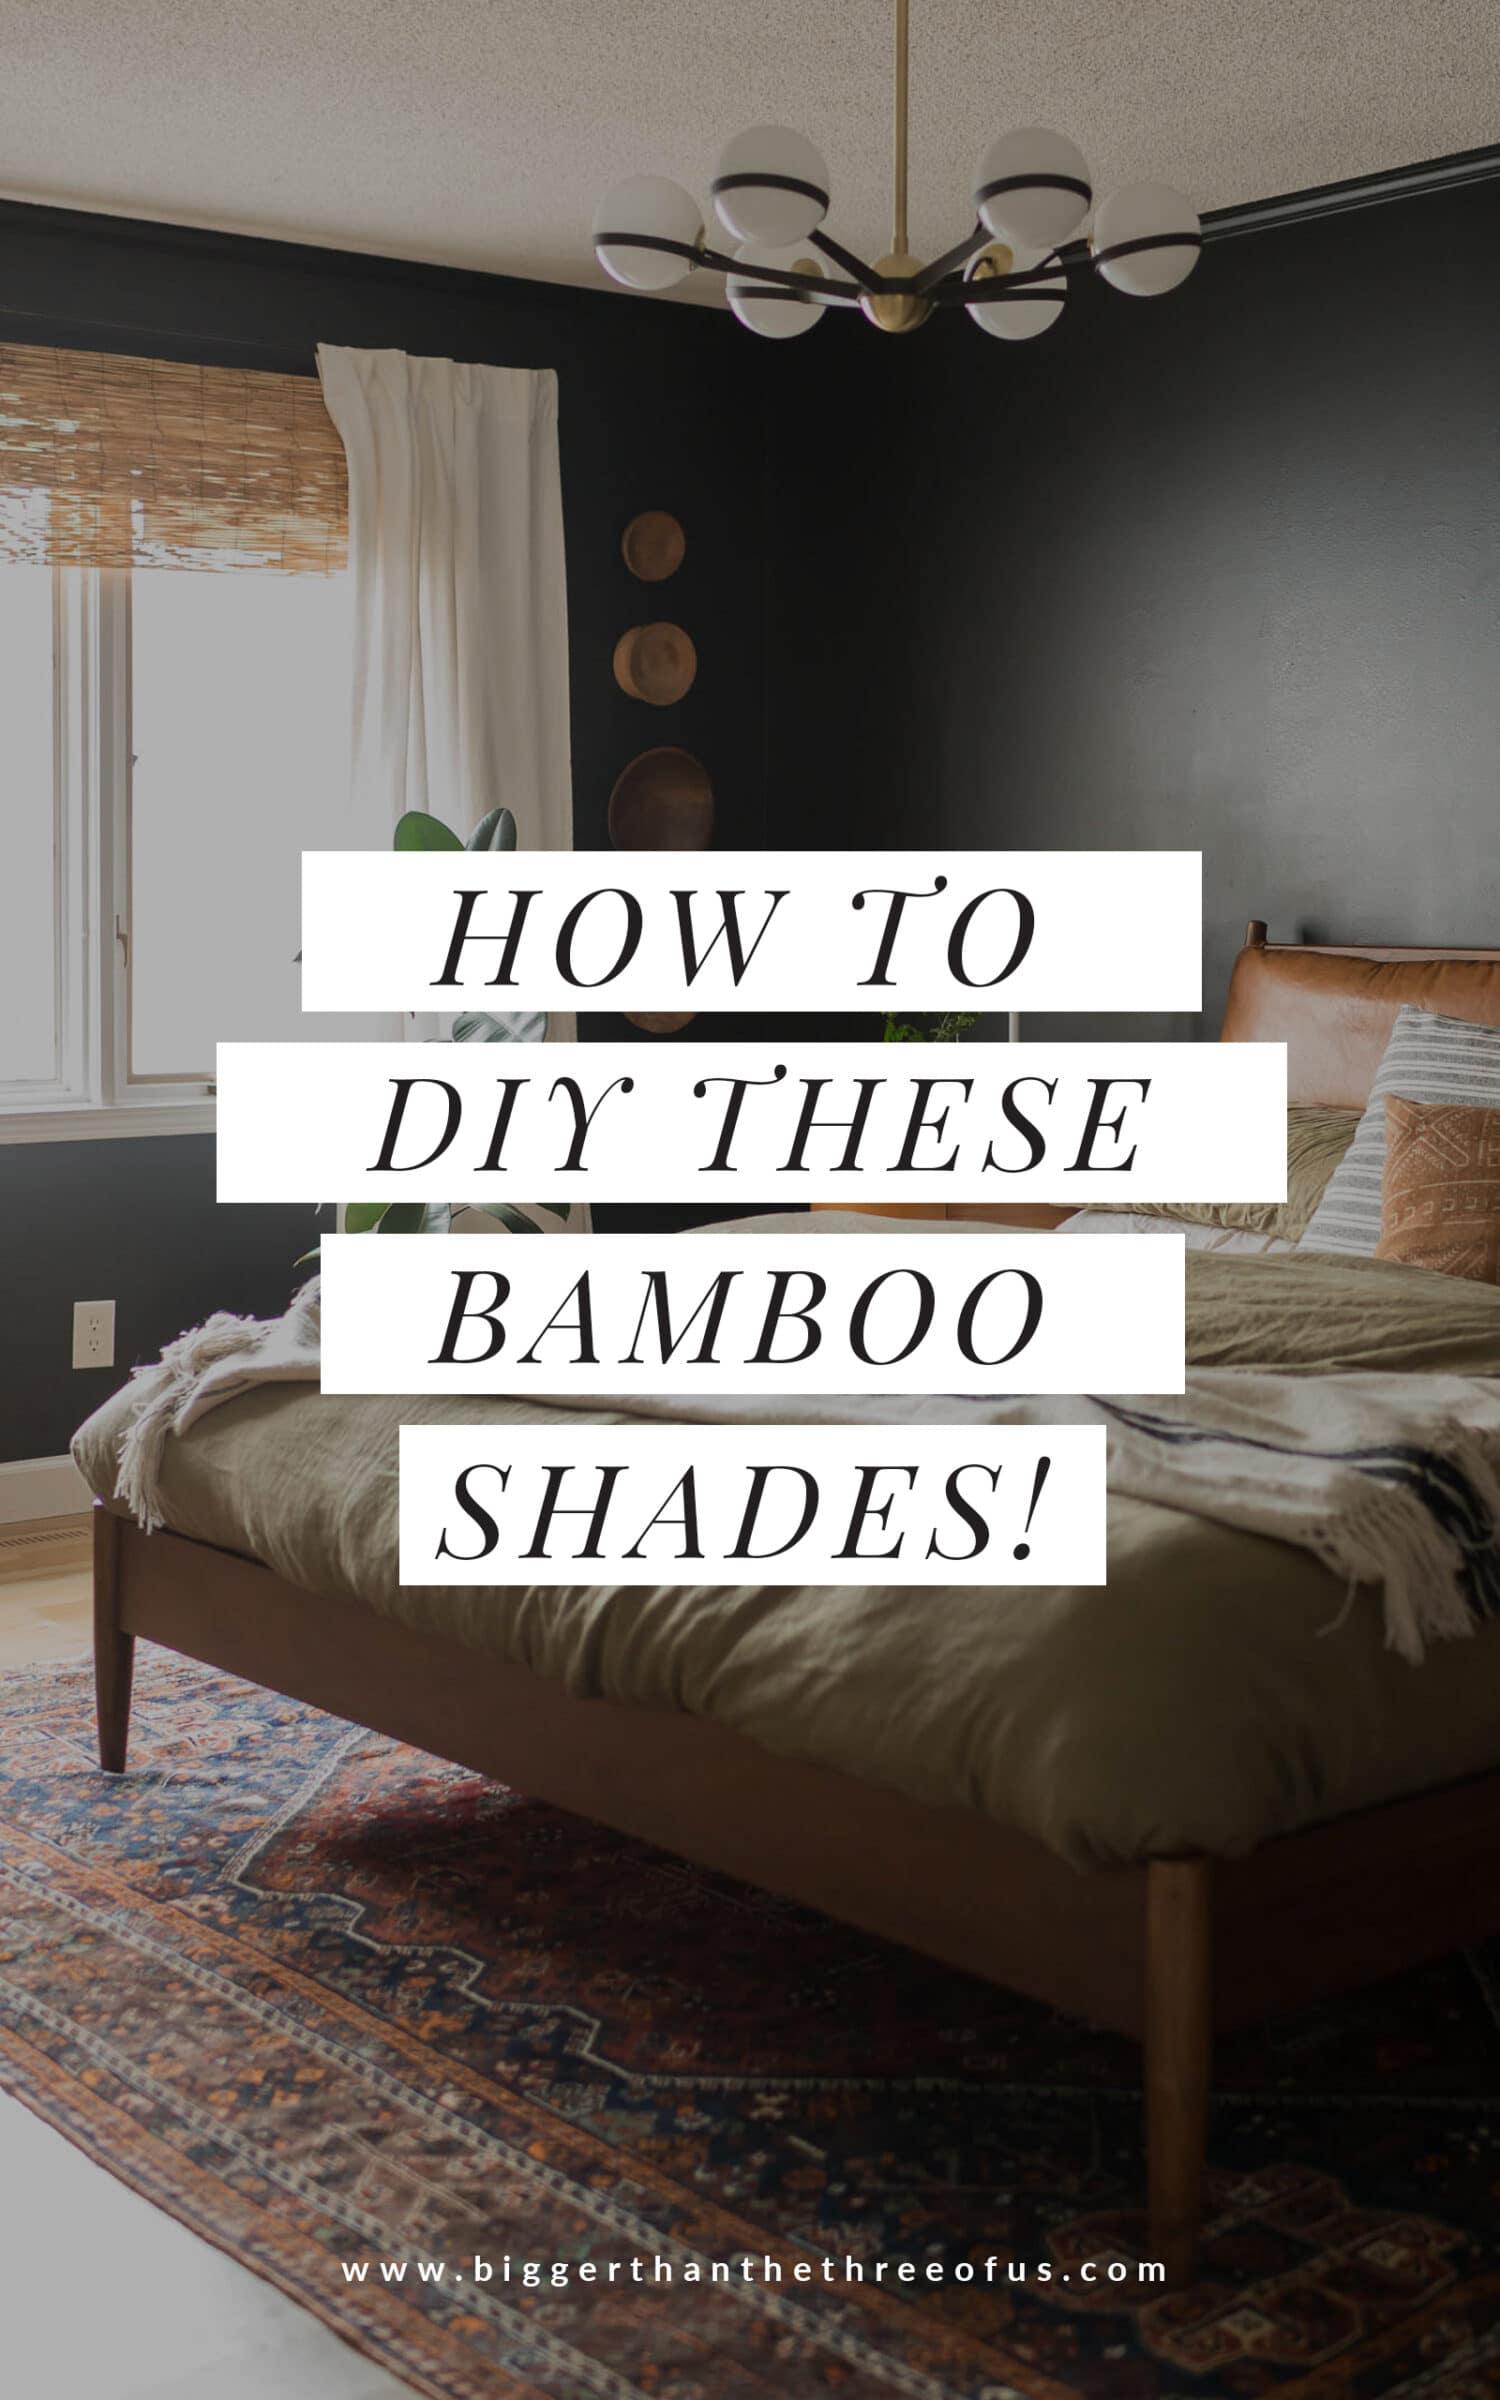 DIY Bamboo shades